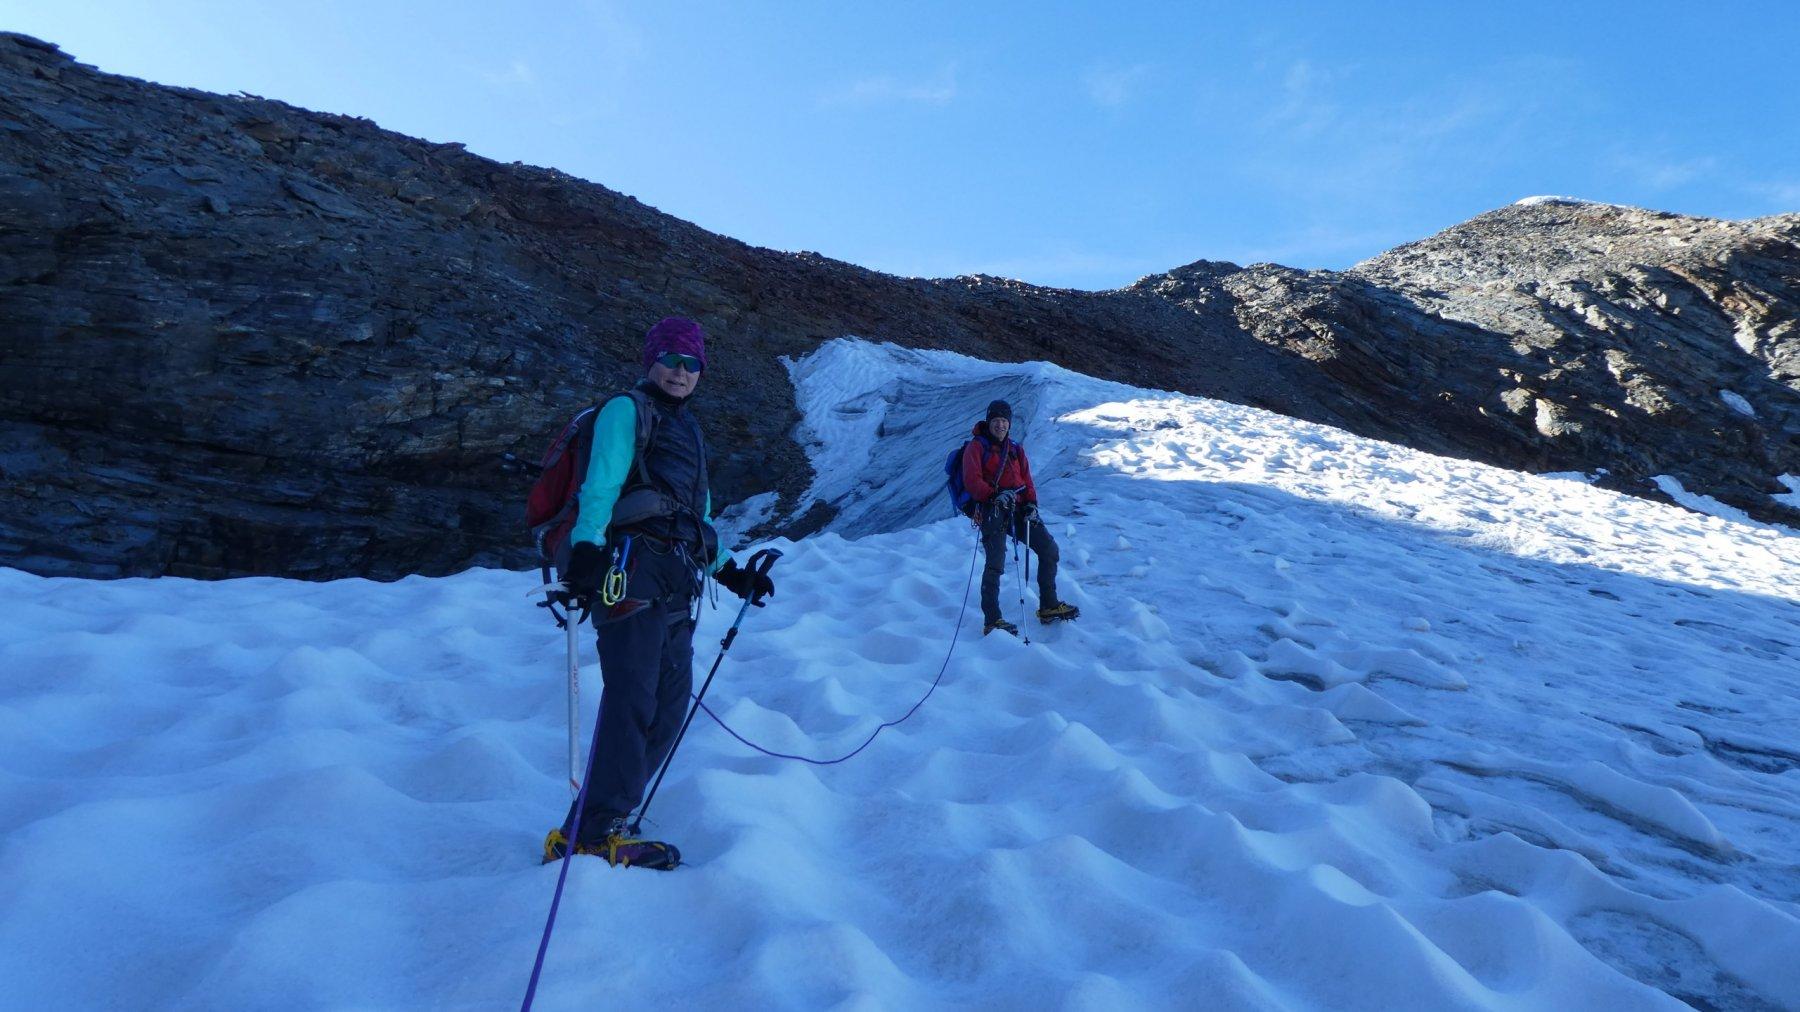 ultimo tratto del ghiacciaio, prima di arrivare al colle di quota 3160 m.